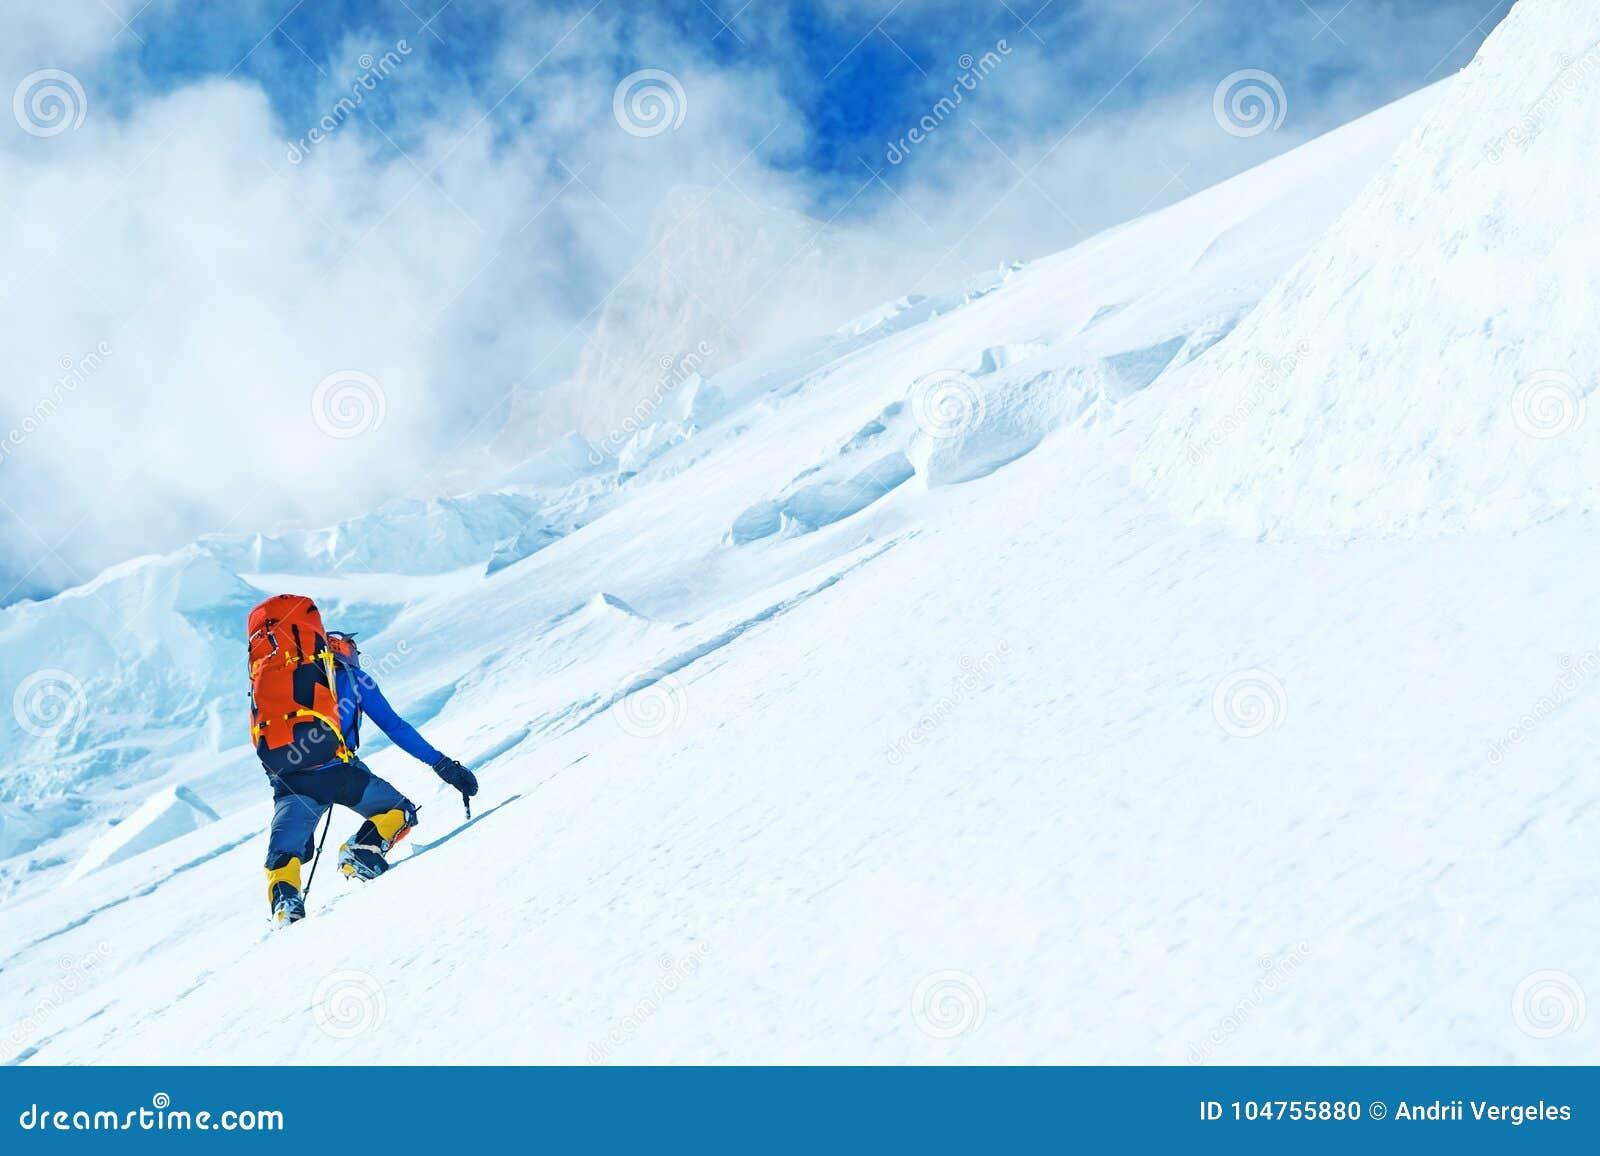 小组登山人到达山峰山顶  成功,